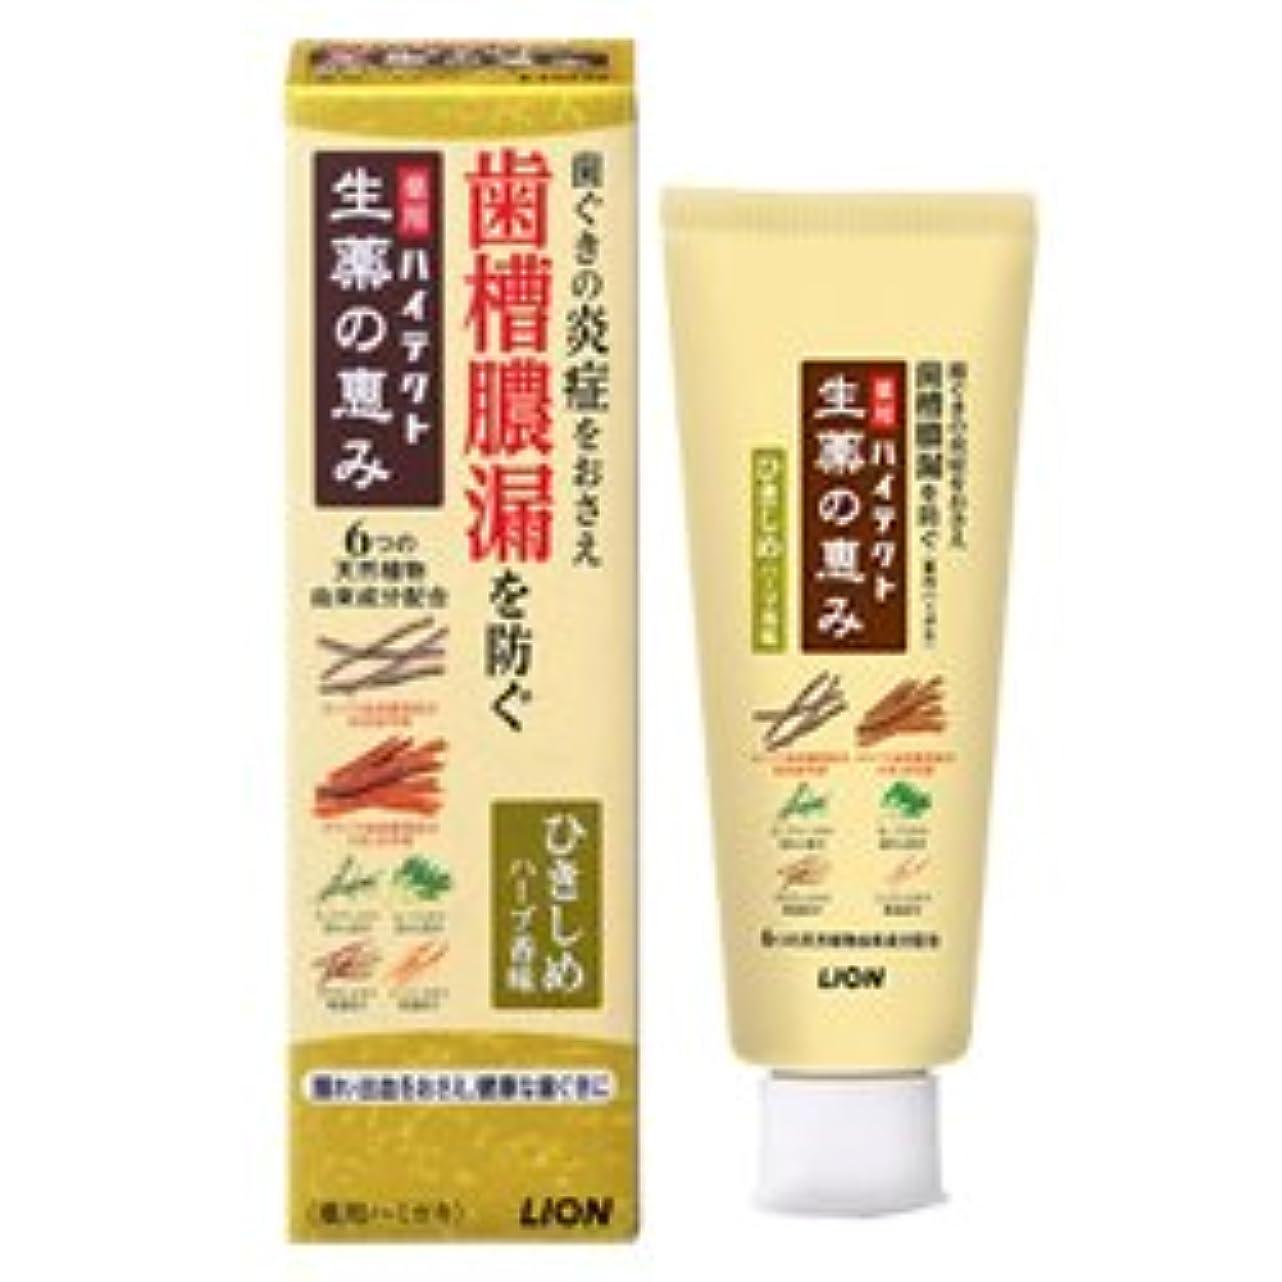 上級綺麗ながっかりする【ライオン】ハイテクト 生薬の恵み ひきしめハーブ香味90g×5個セット